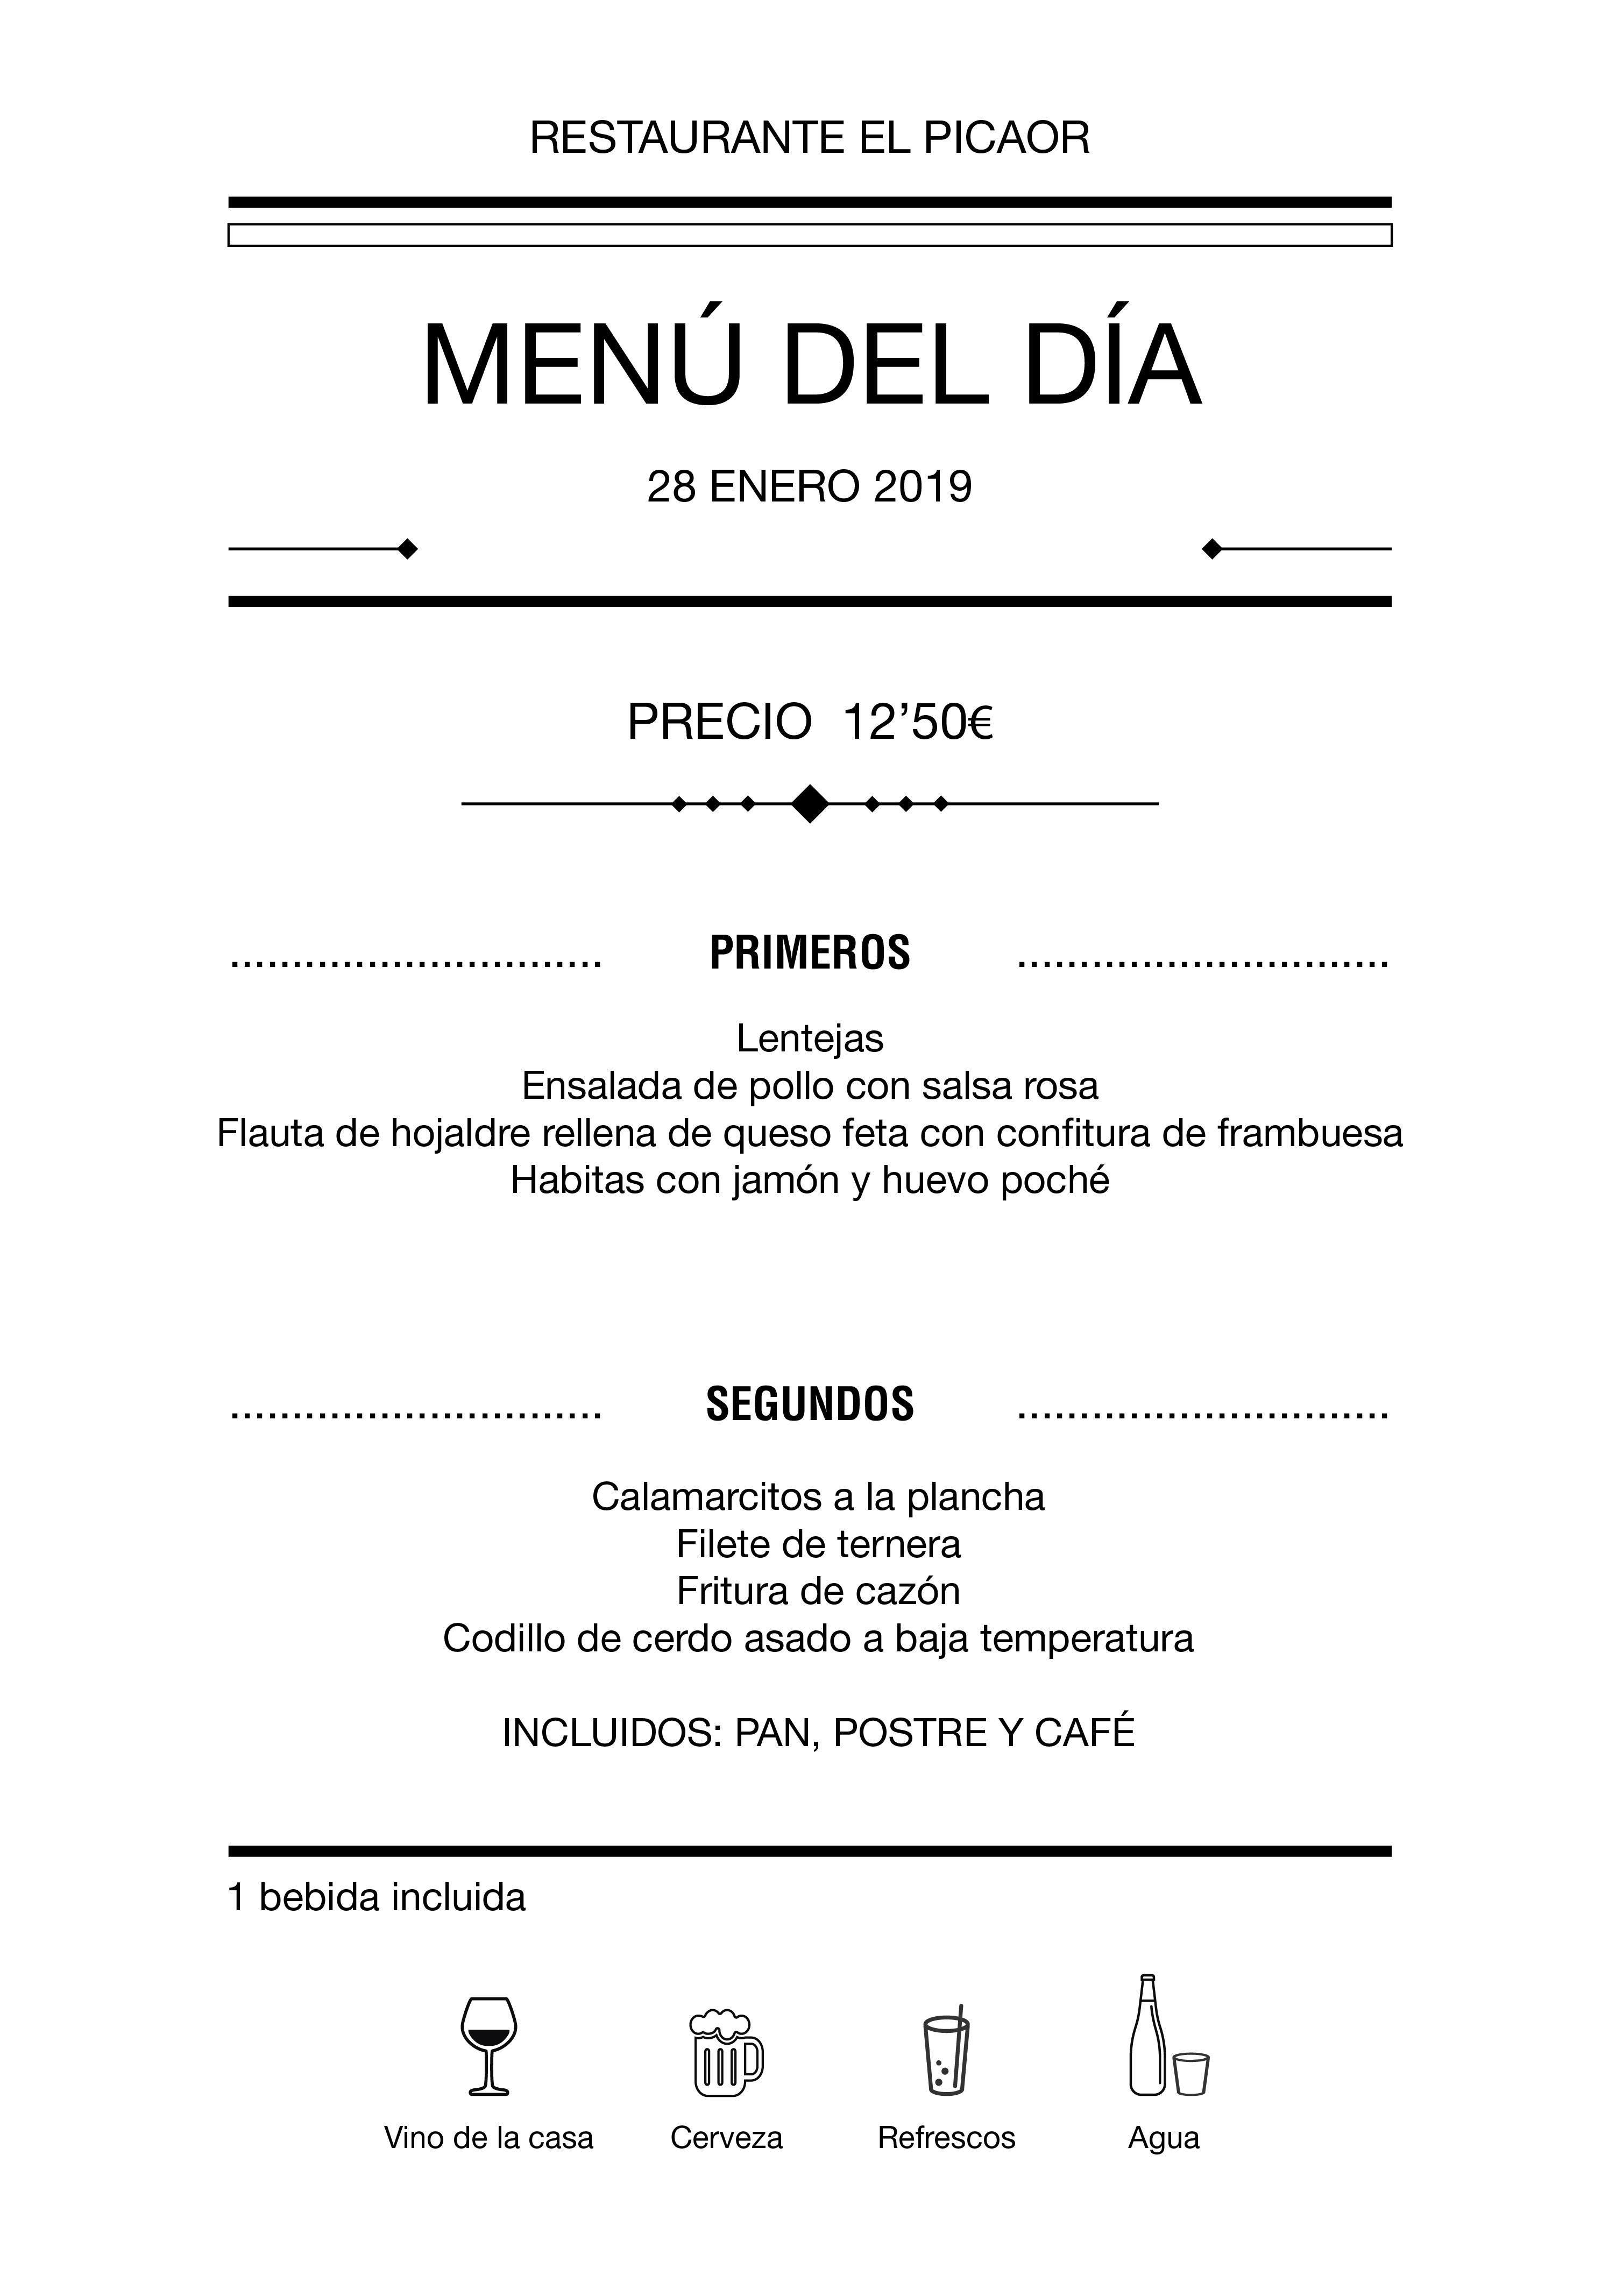 Menú diario El Picaor 28/01/19